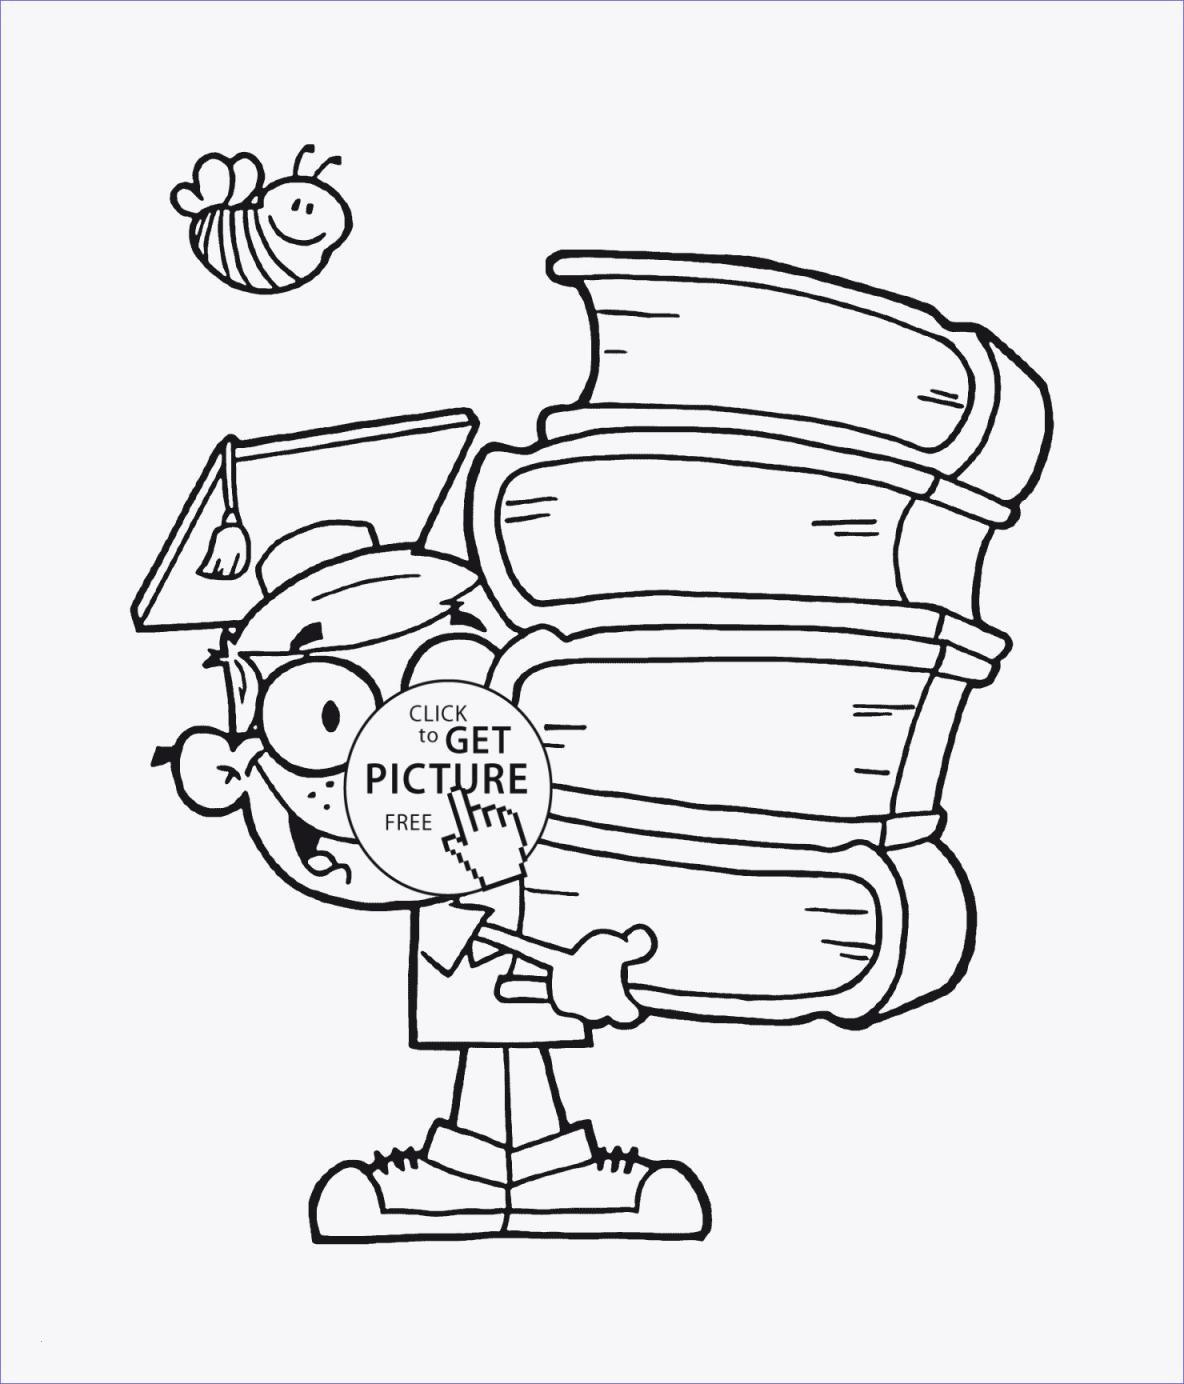 Die Kleine Raupe Nimmersatt Ausmalbild Frisch Malvorlagen Igel Frisch Igel Grundschule 0d Archives Uploadertalk Das Bild